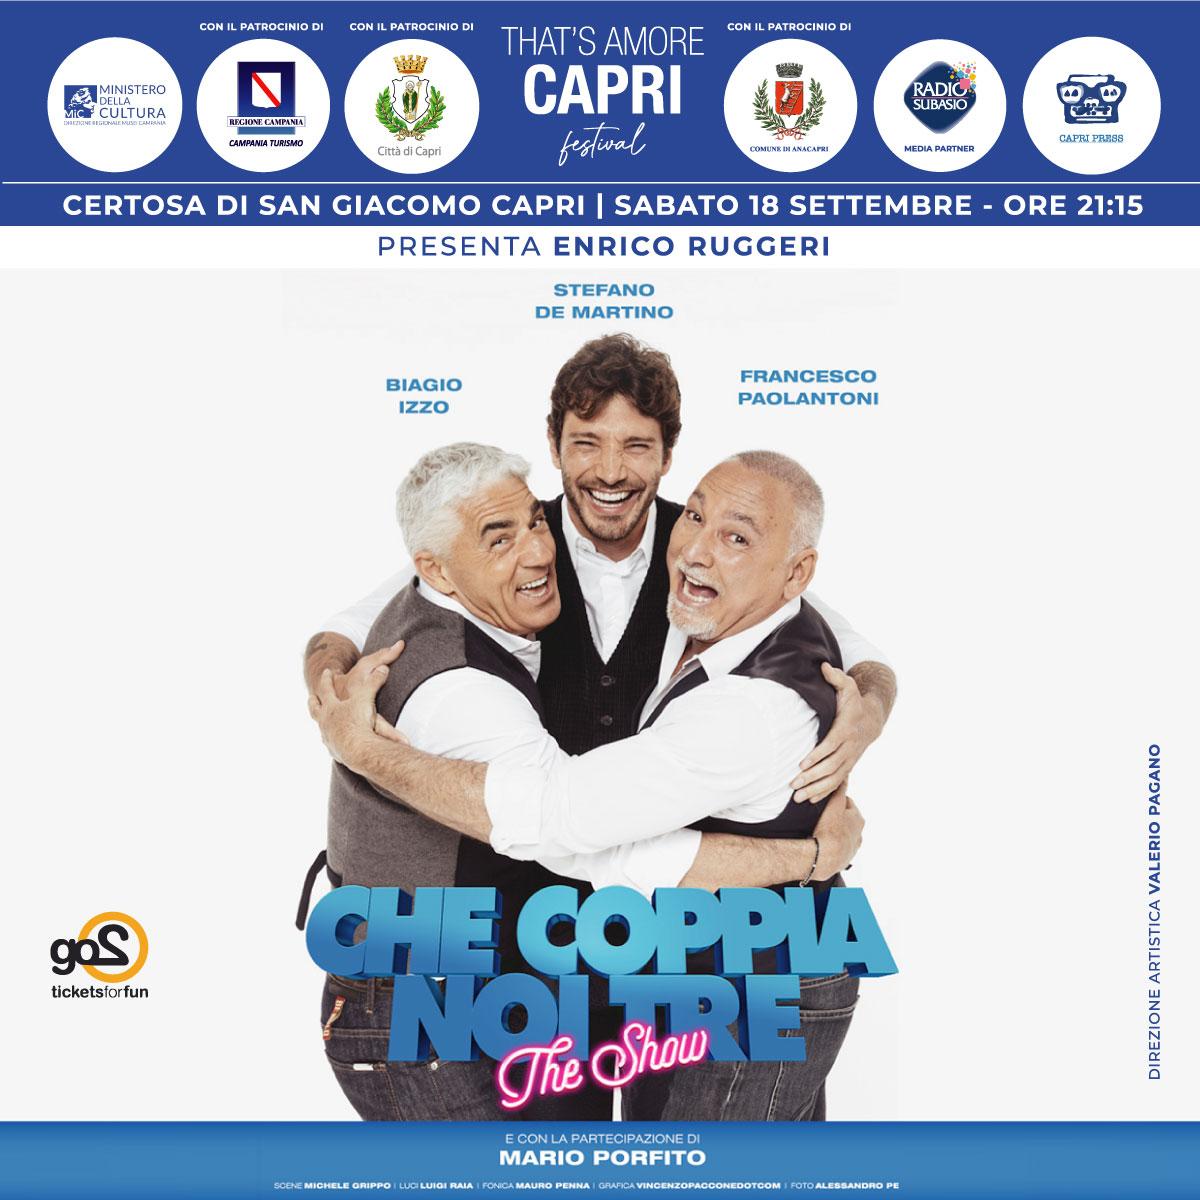 Vico Equense On Line: Con That's Amore Capri tornano sull'isola azzurra i grandi  eventi Al via il progetto di solidarietà That's Amore Capri